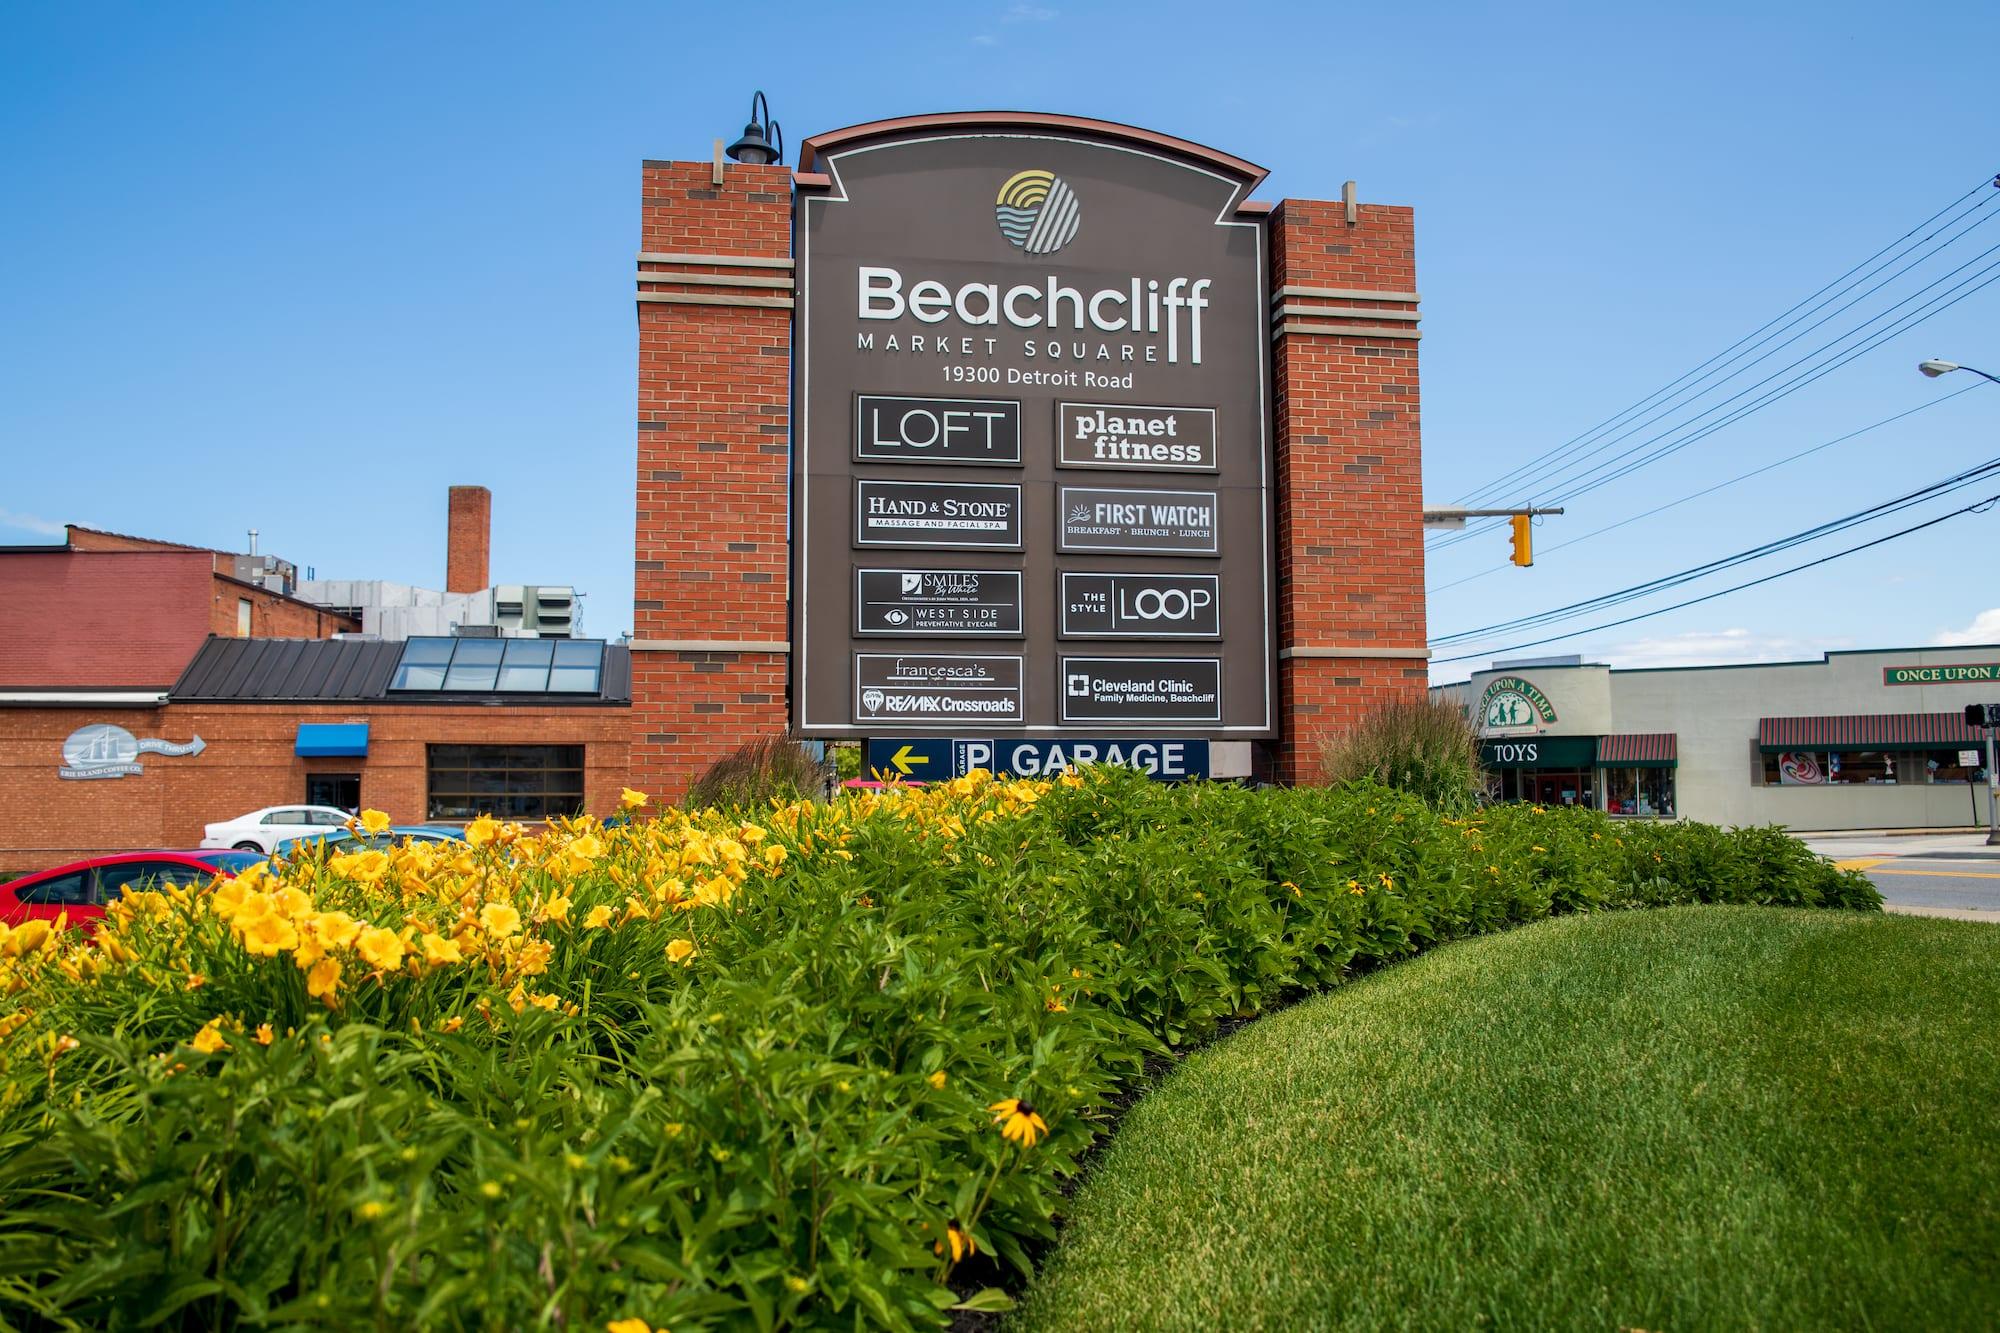 Rocky River - Beachcliff Shopping Center5